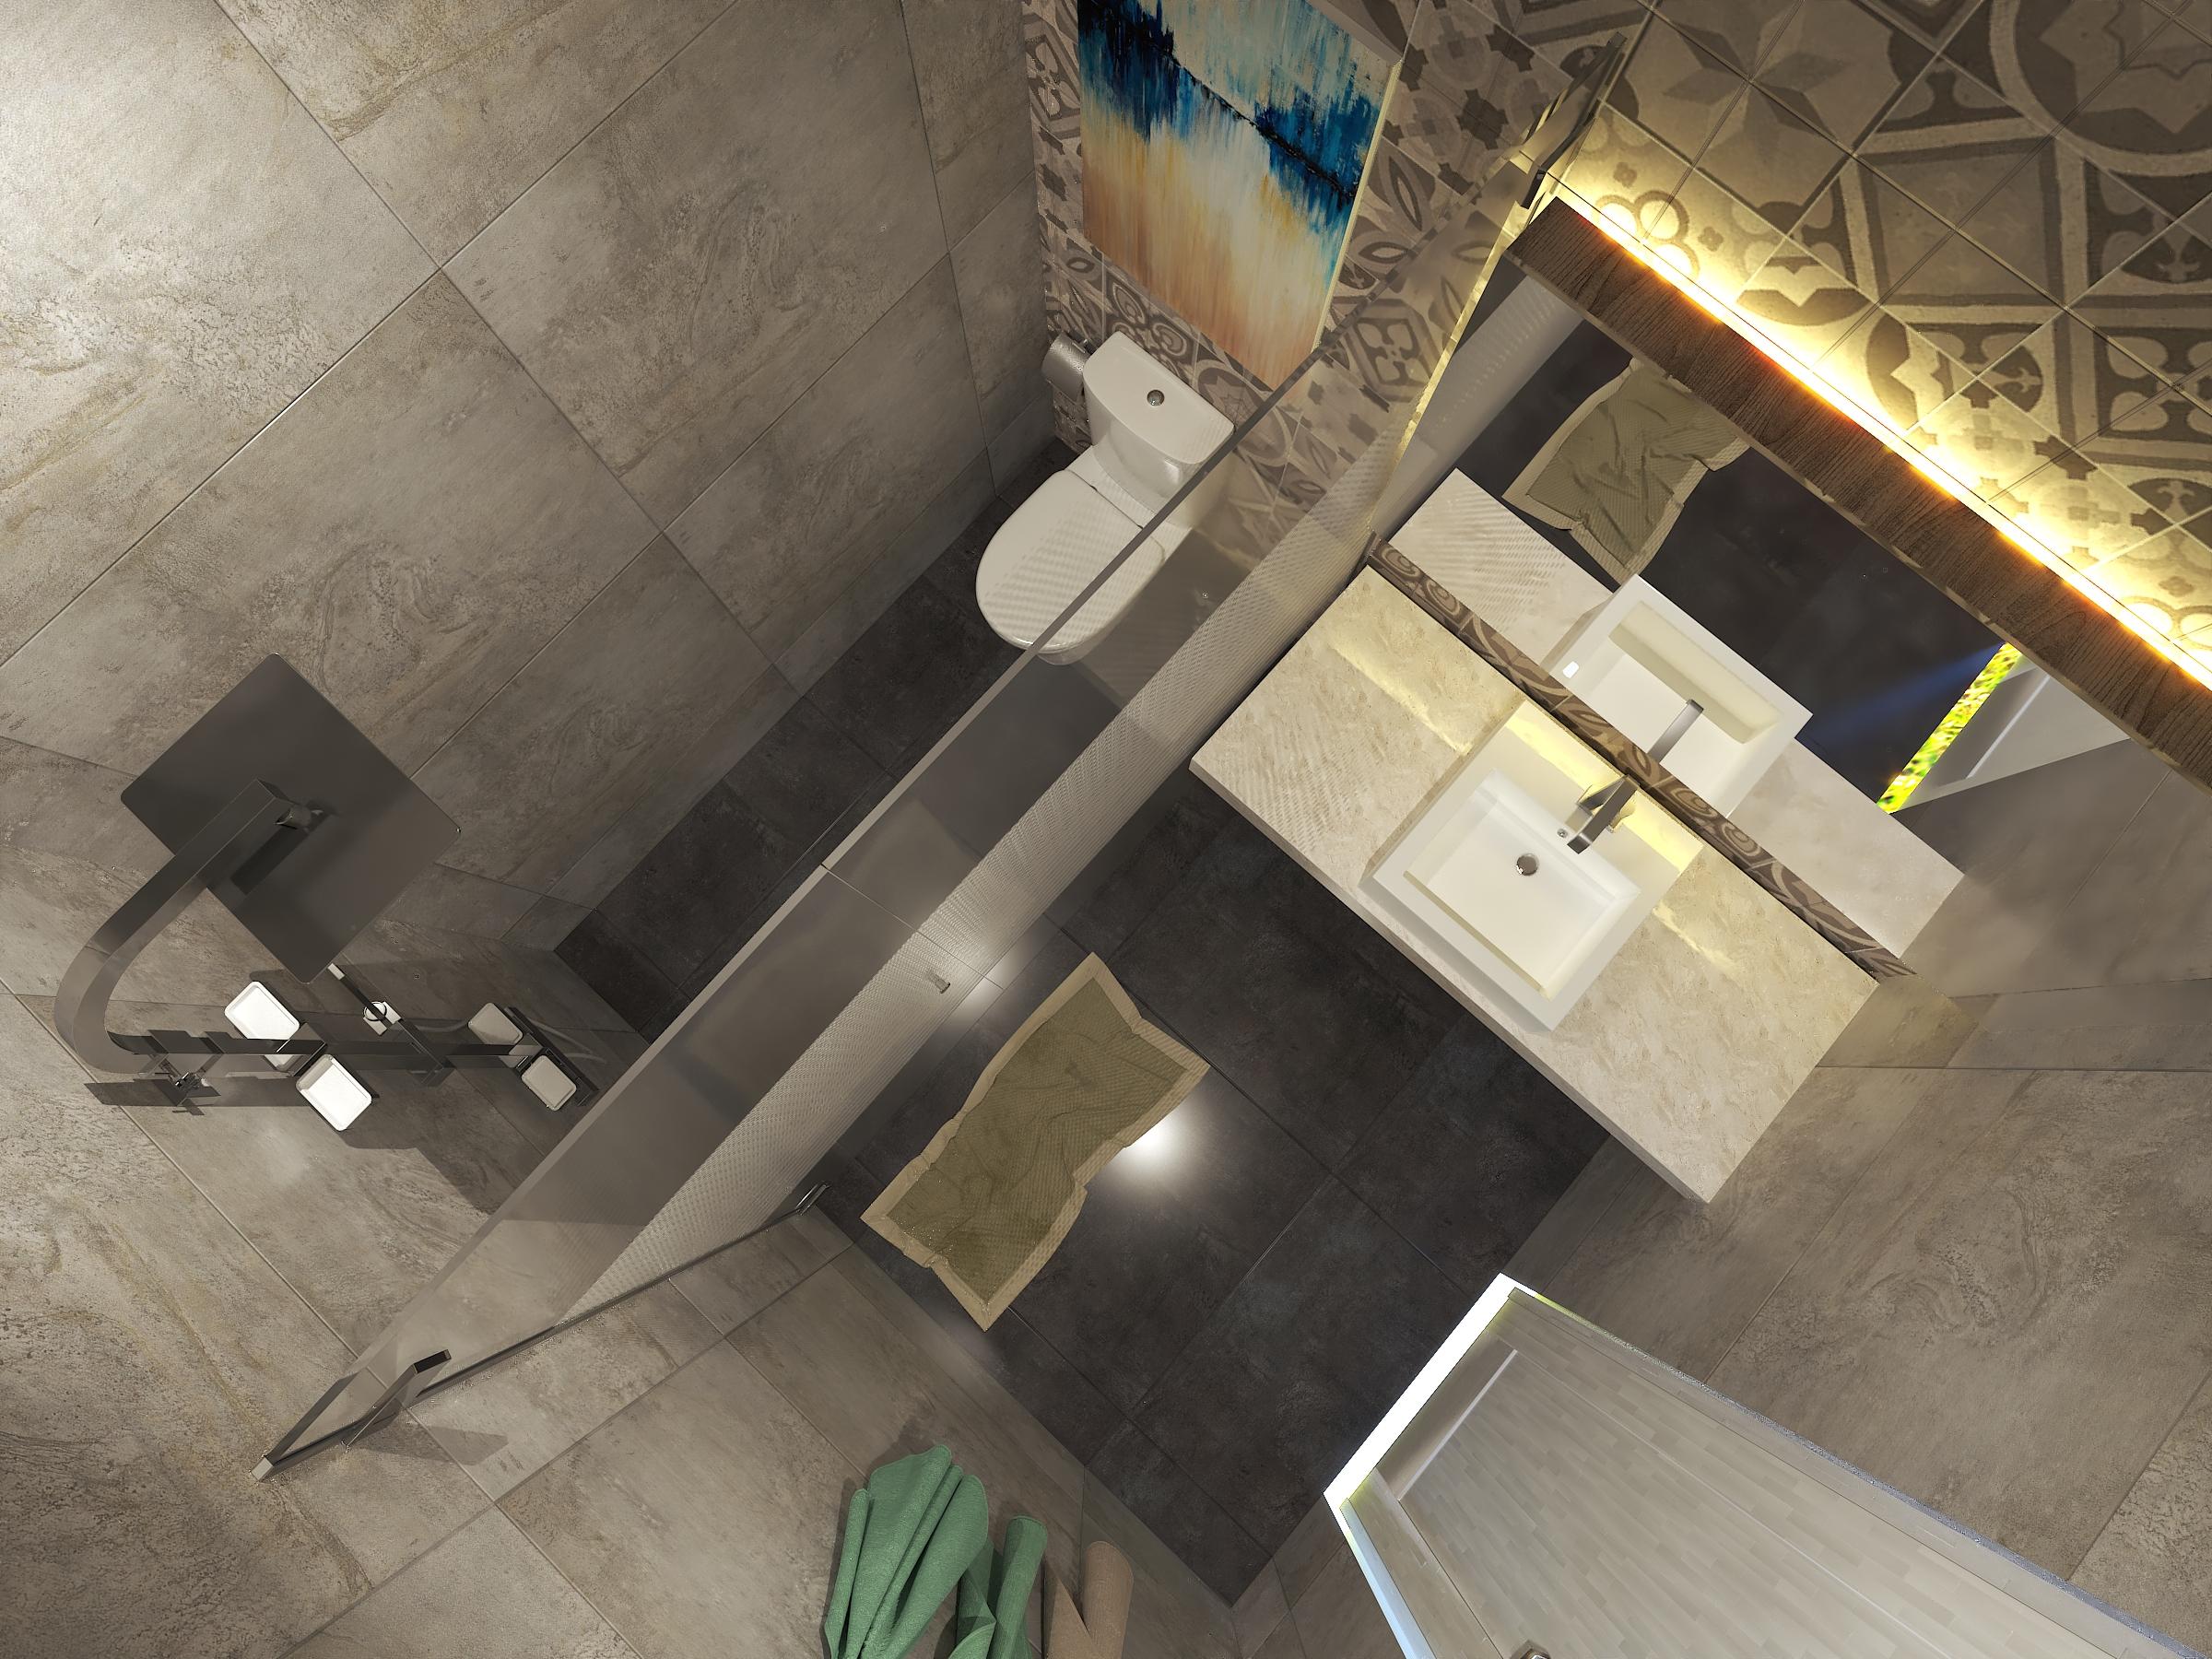 Thiết kế nội thất Nhà tại Hồ Chí Minh Ms'Thi House 1626189805 7